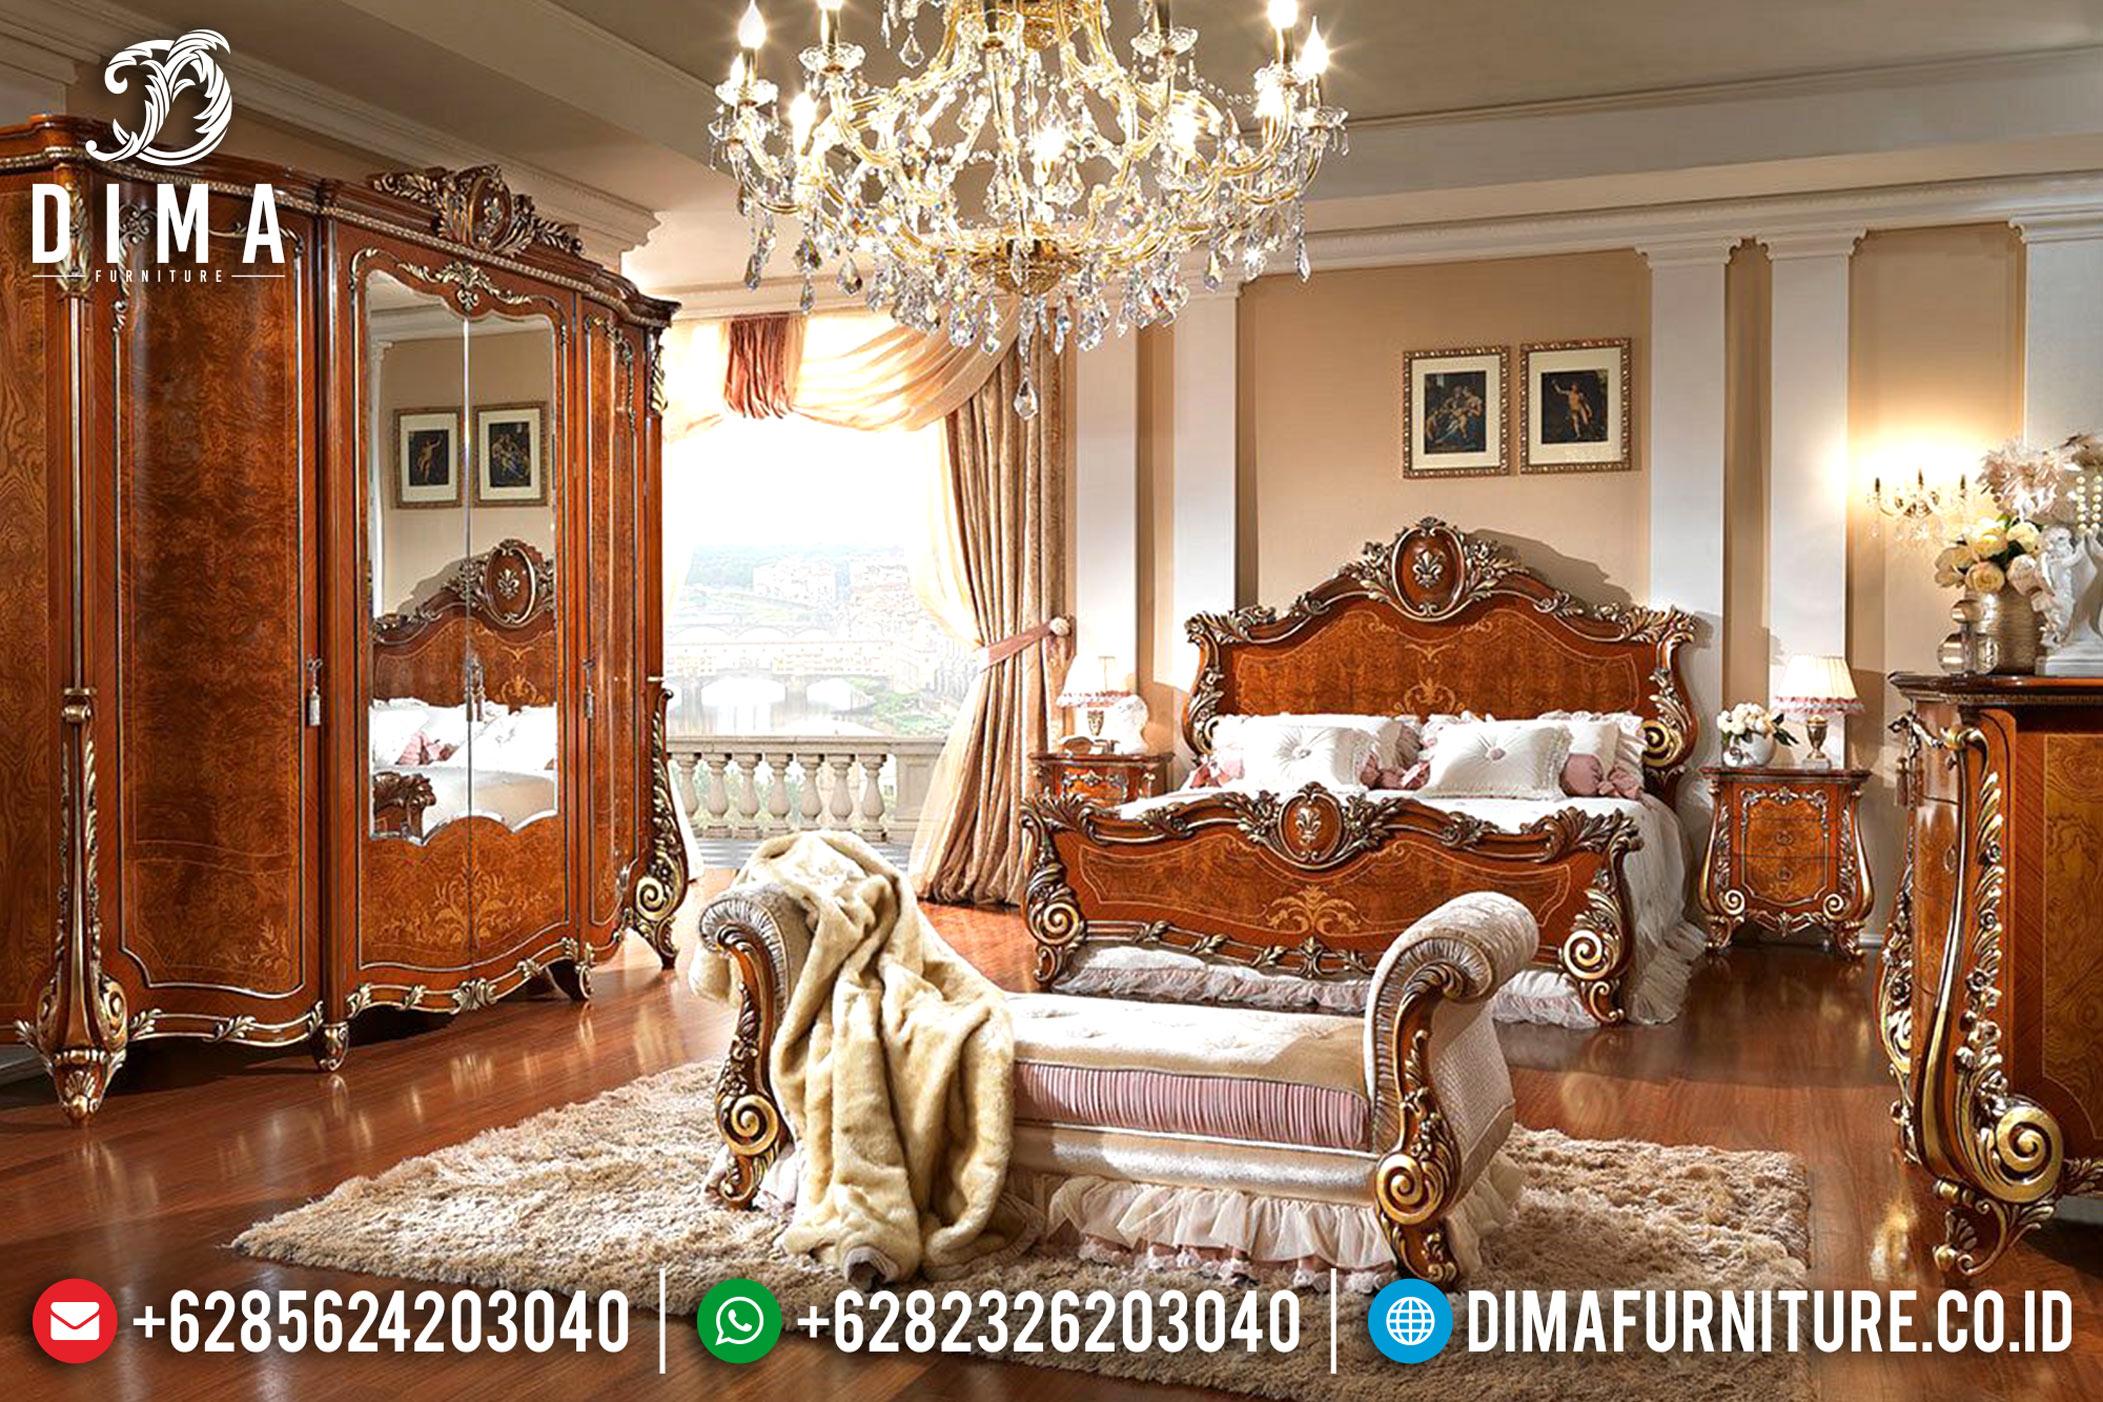 Kamar Set Ukiran Klasik Firenze Tempat Tidur Jepara Mewah Natural Terbaru Mm-0375